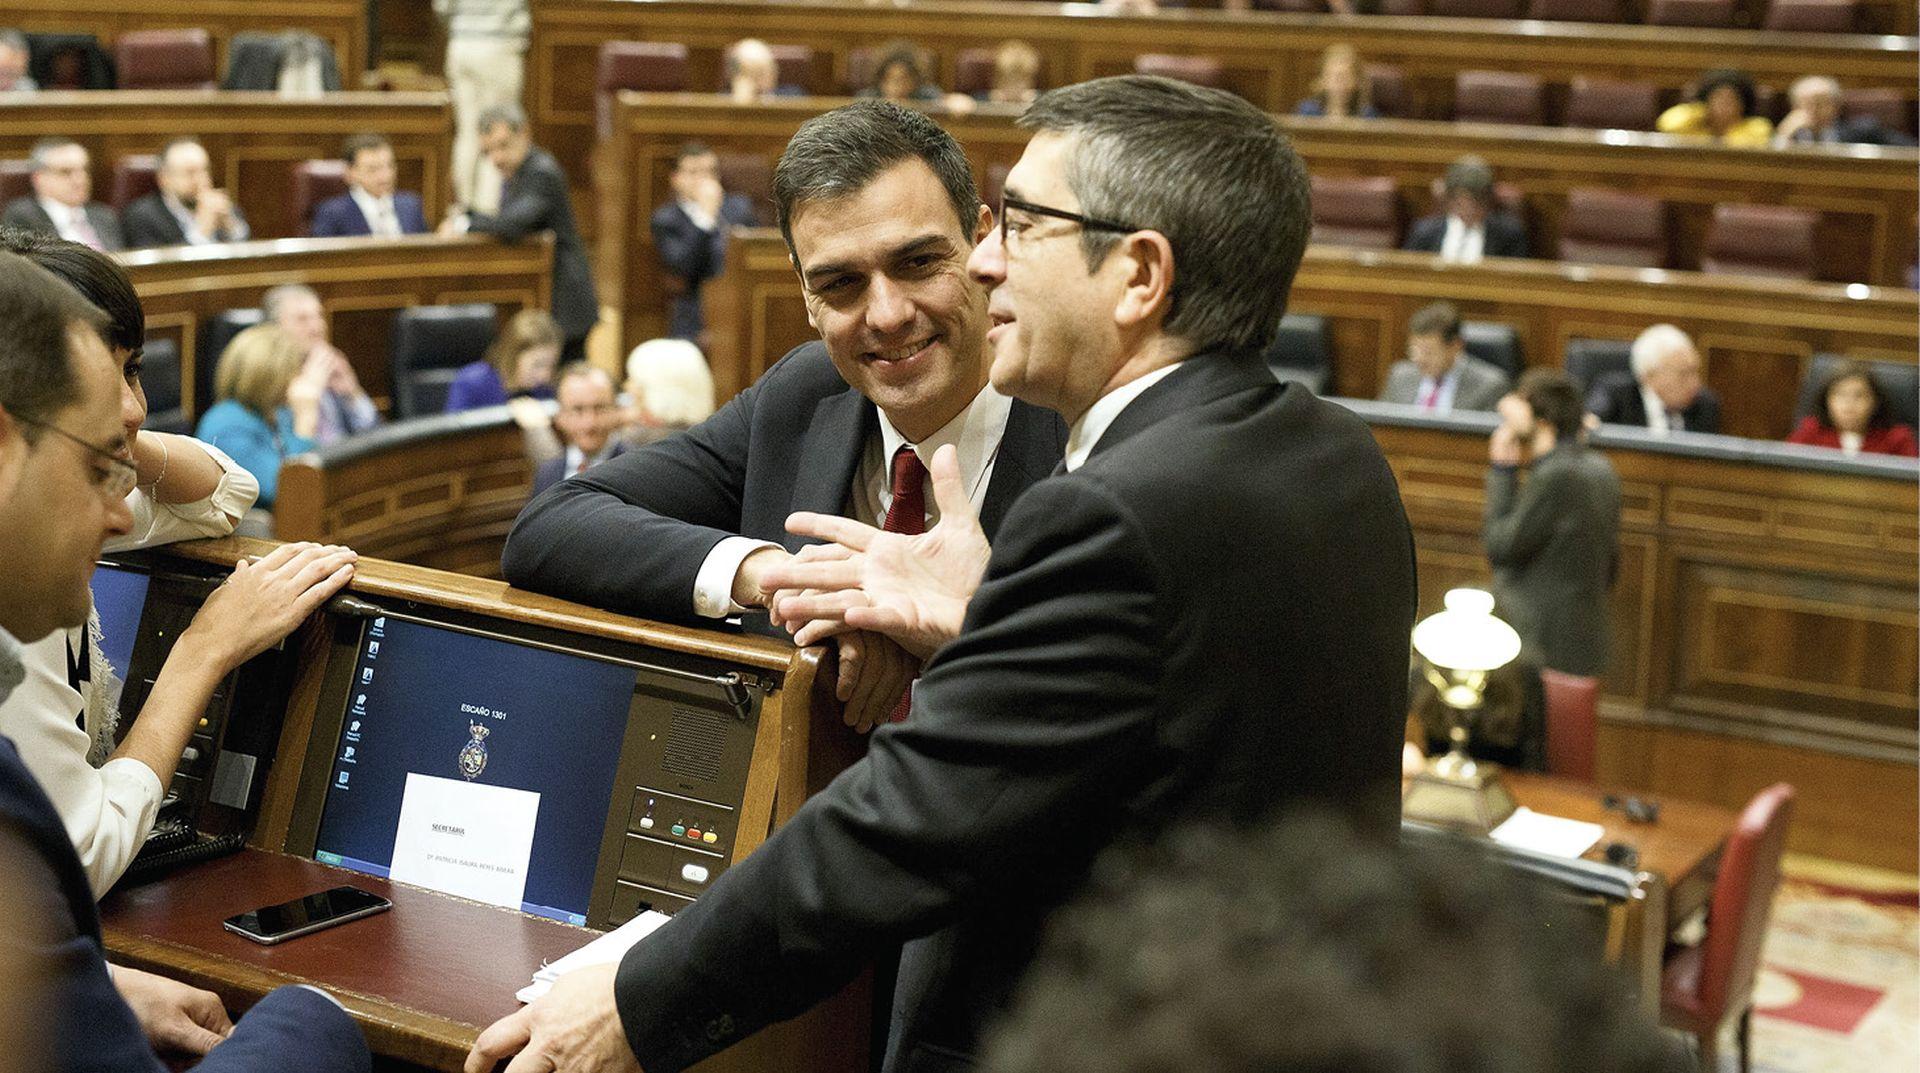 Španjolska sudbina u rukama Podemosa i katalonskih separatista